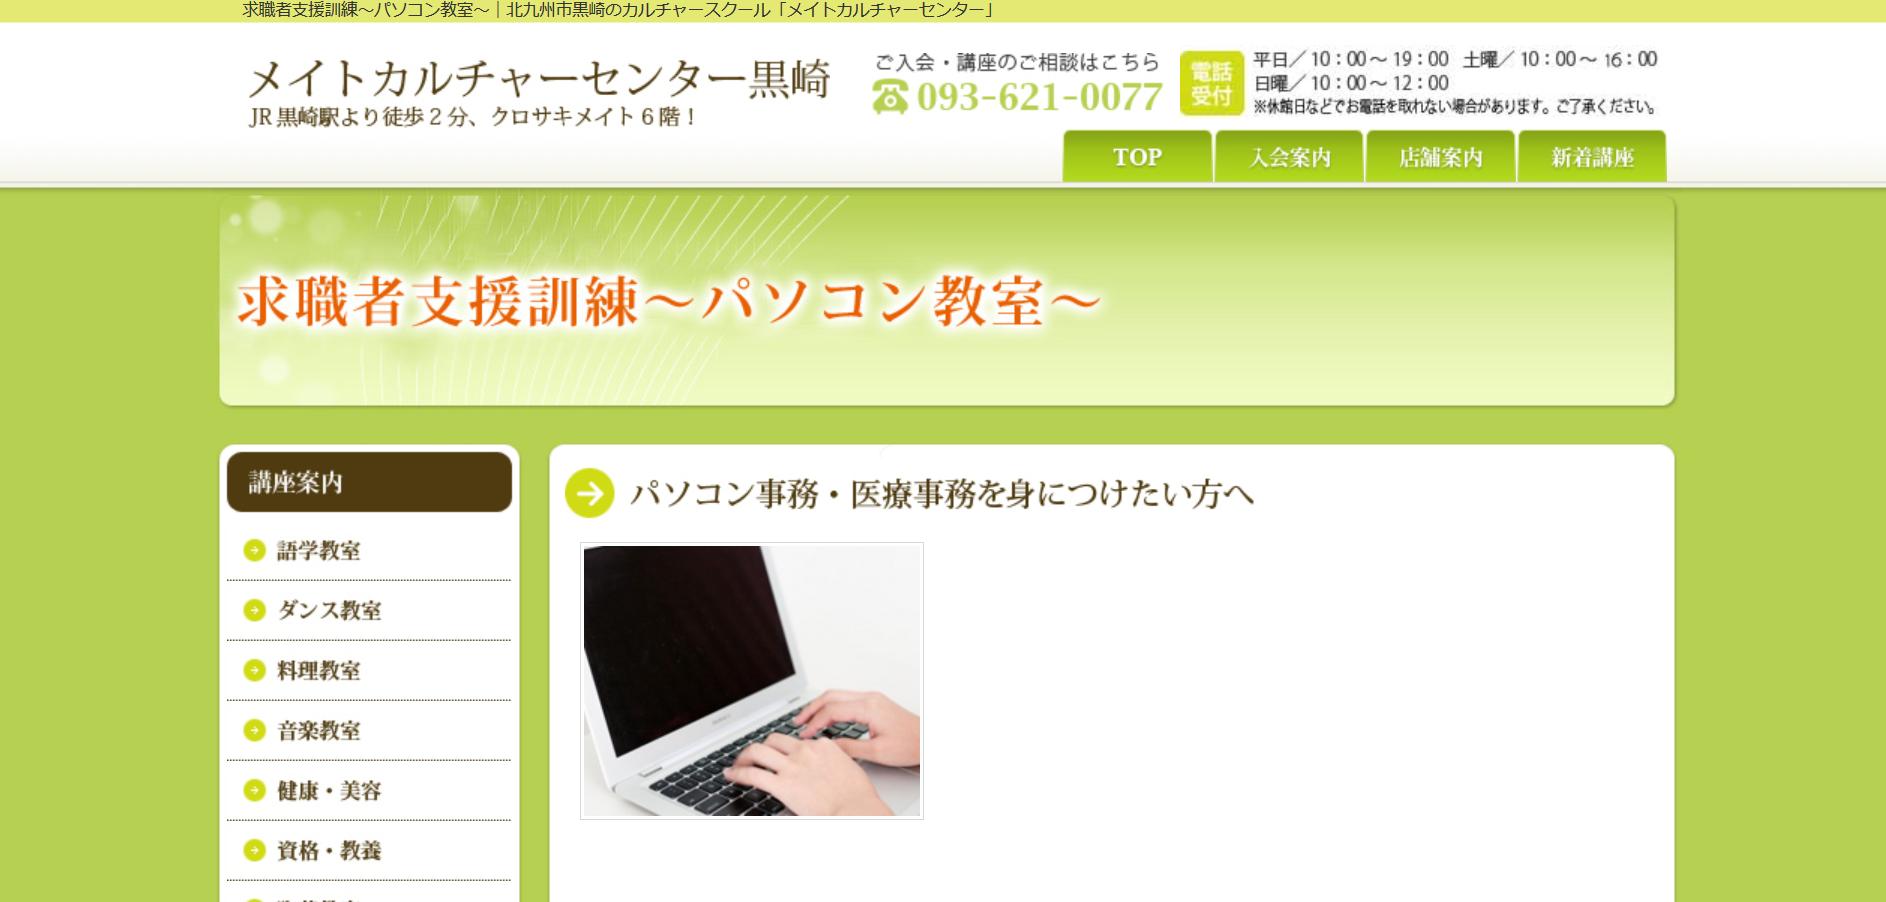 メイトカルチャーセンター 黒崎教室の評判・口コミ